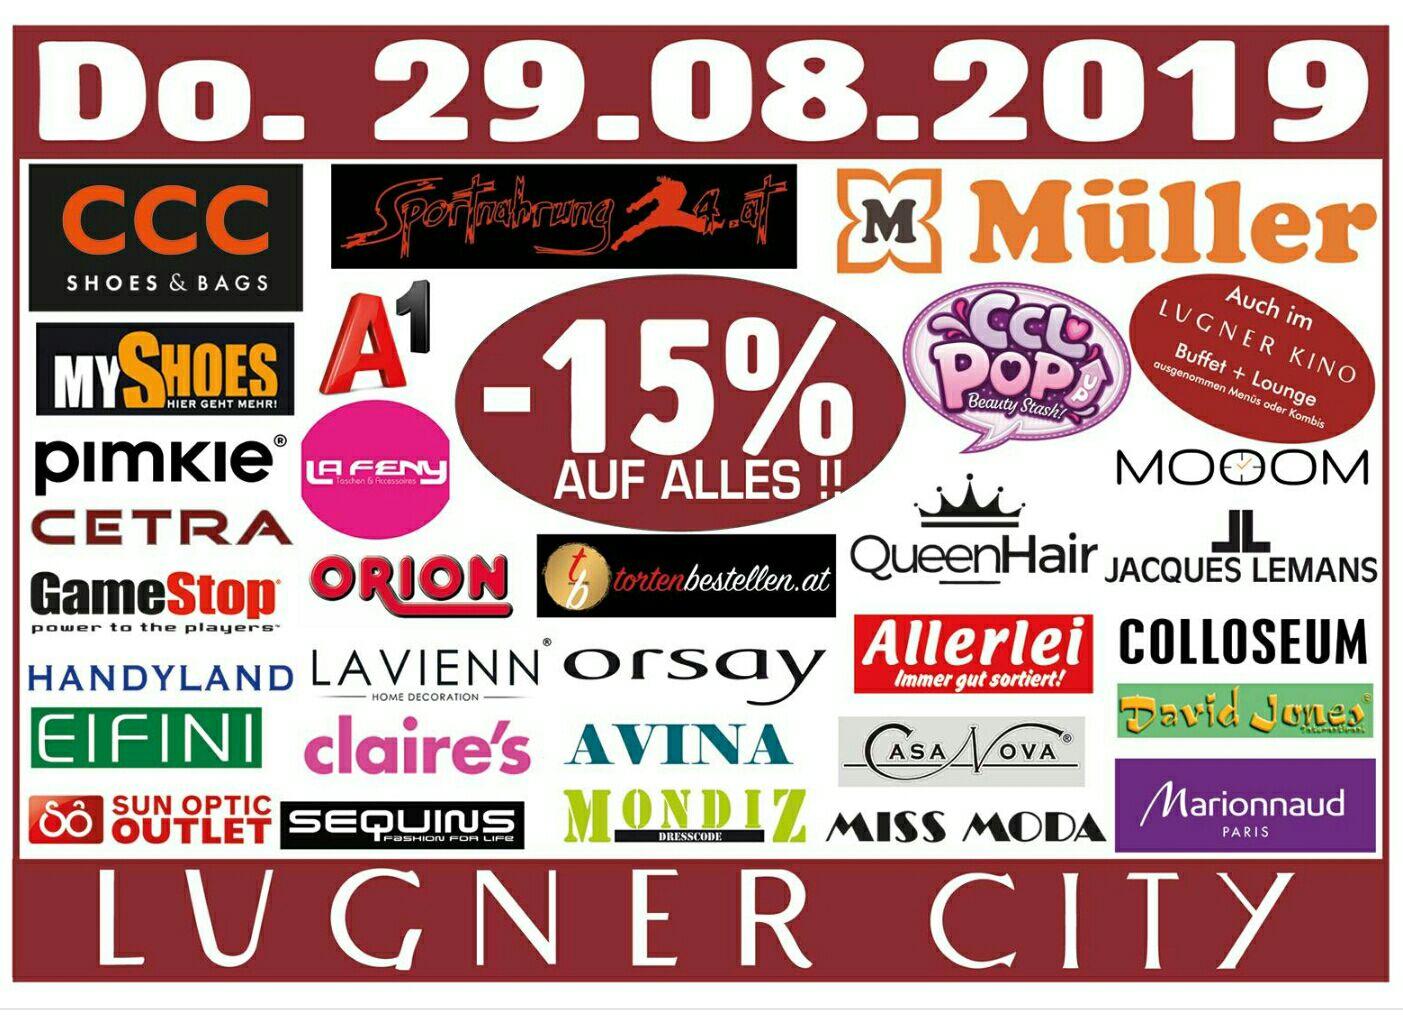 [Lugner City] -15% auf alles in 32 Shops z.B. Müller, CCC uvm.